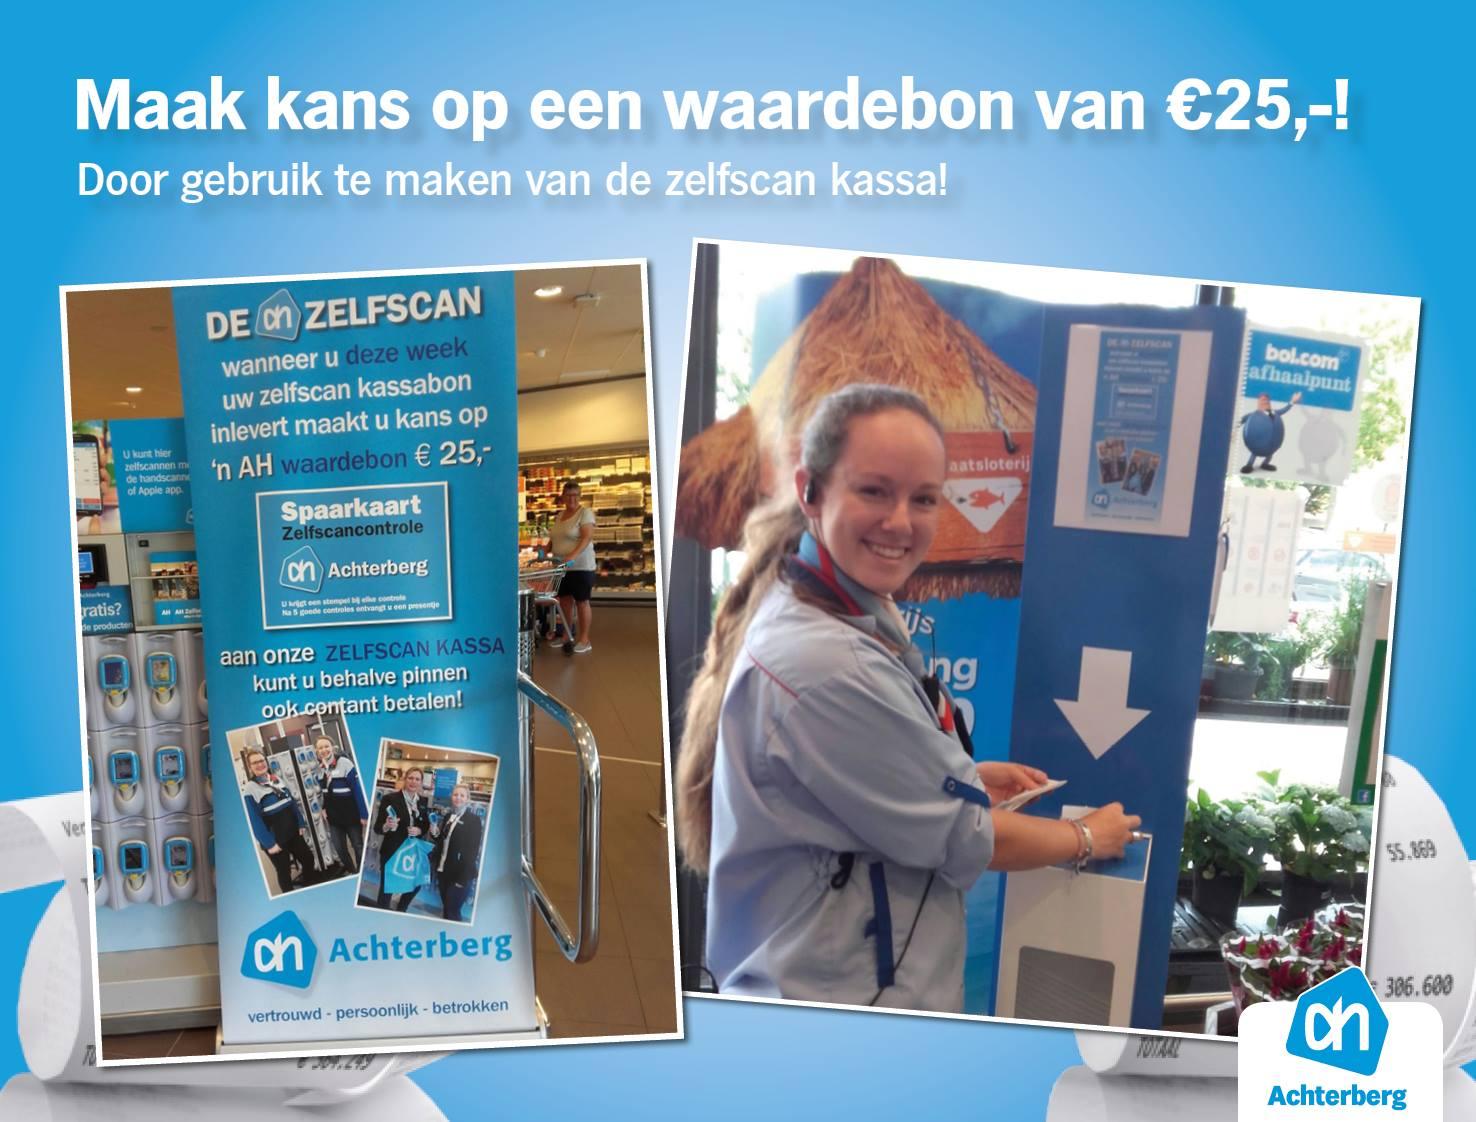 Maak kans op een waardebon van €25,-! Door gebruik te maken van de zelfscan kassa!